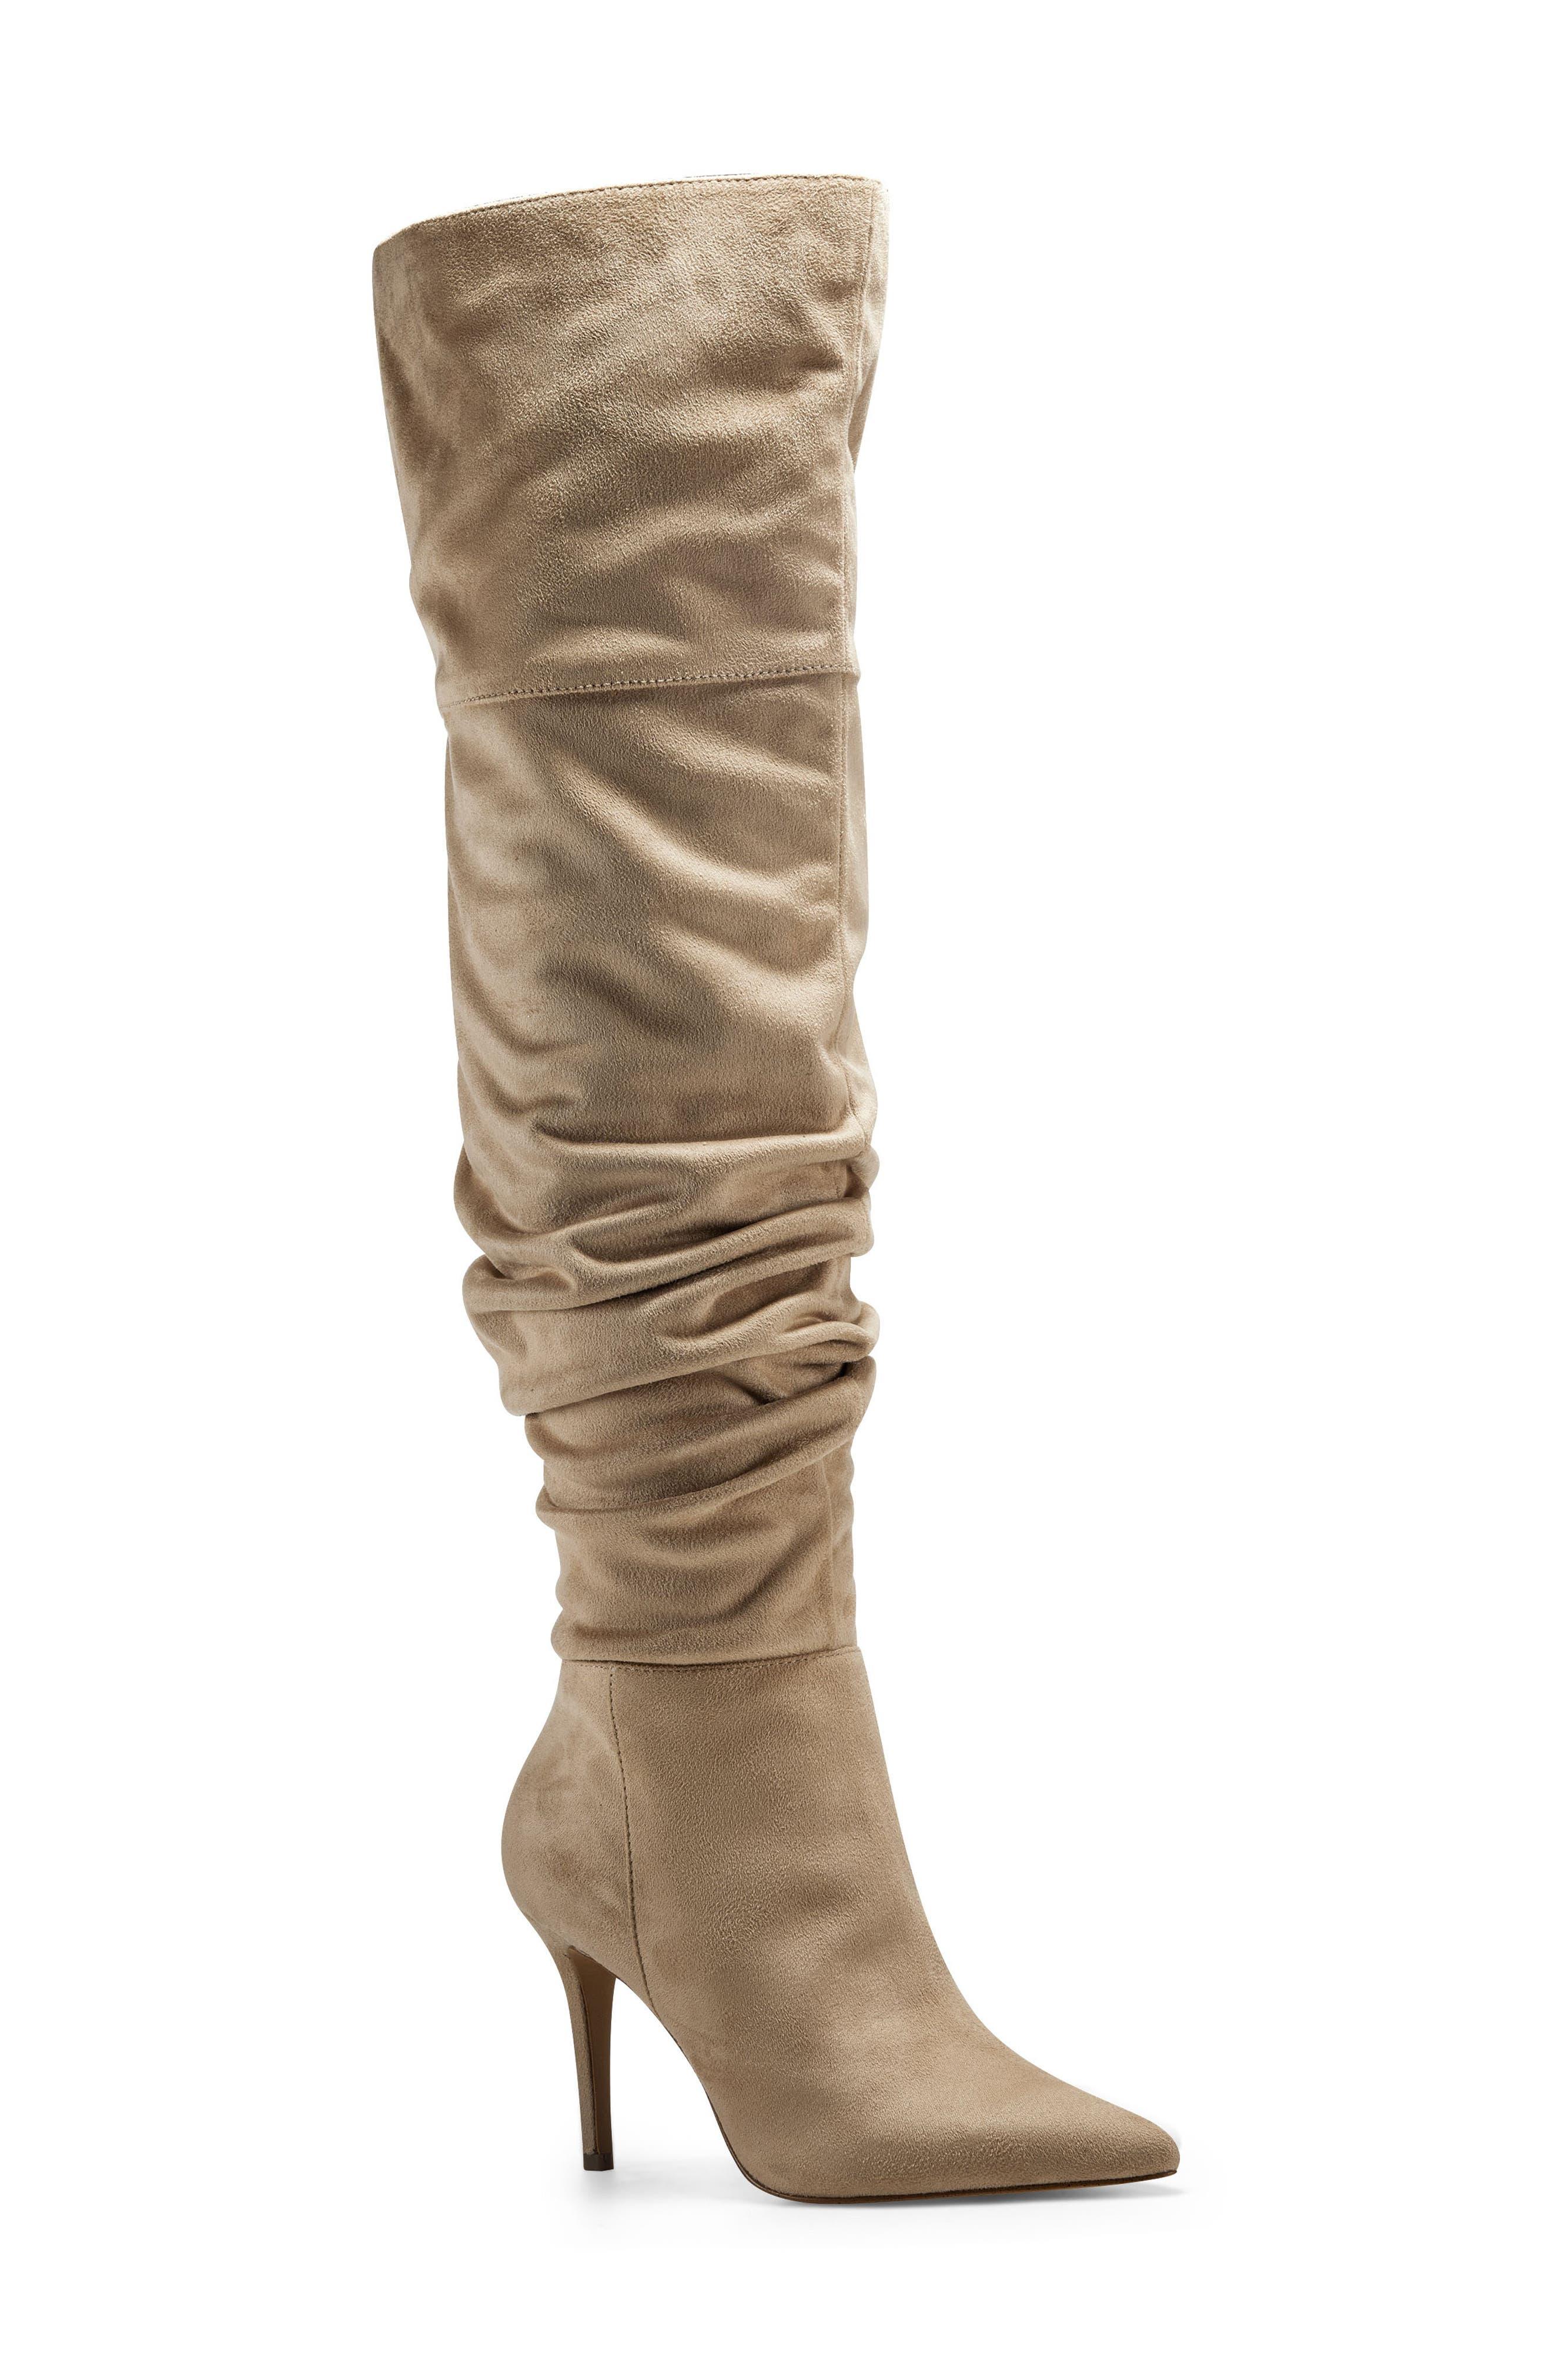 Aleta Thigh High Boot